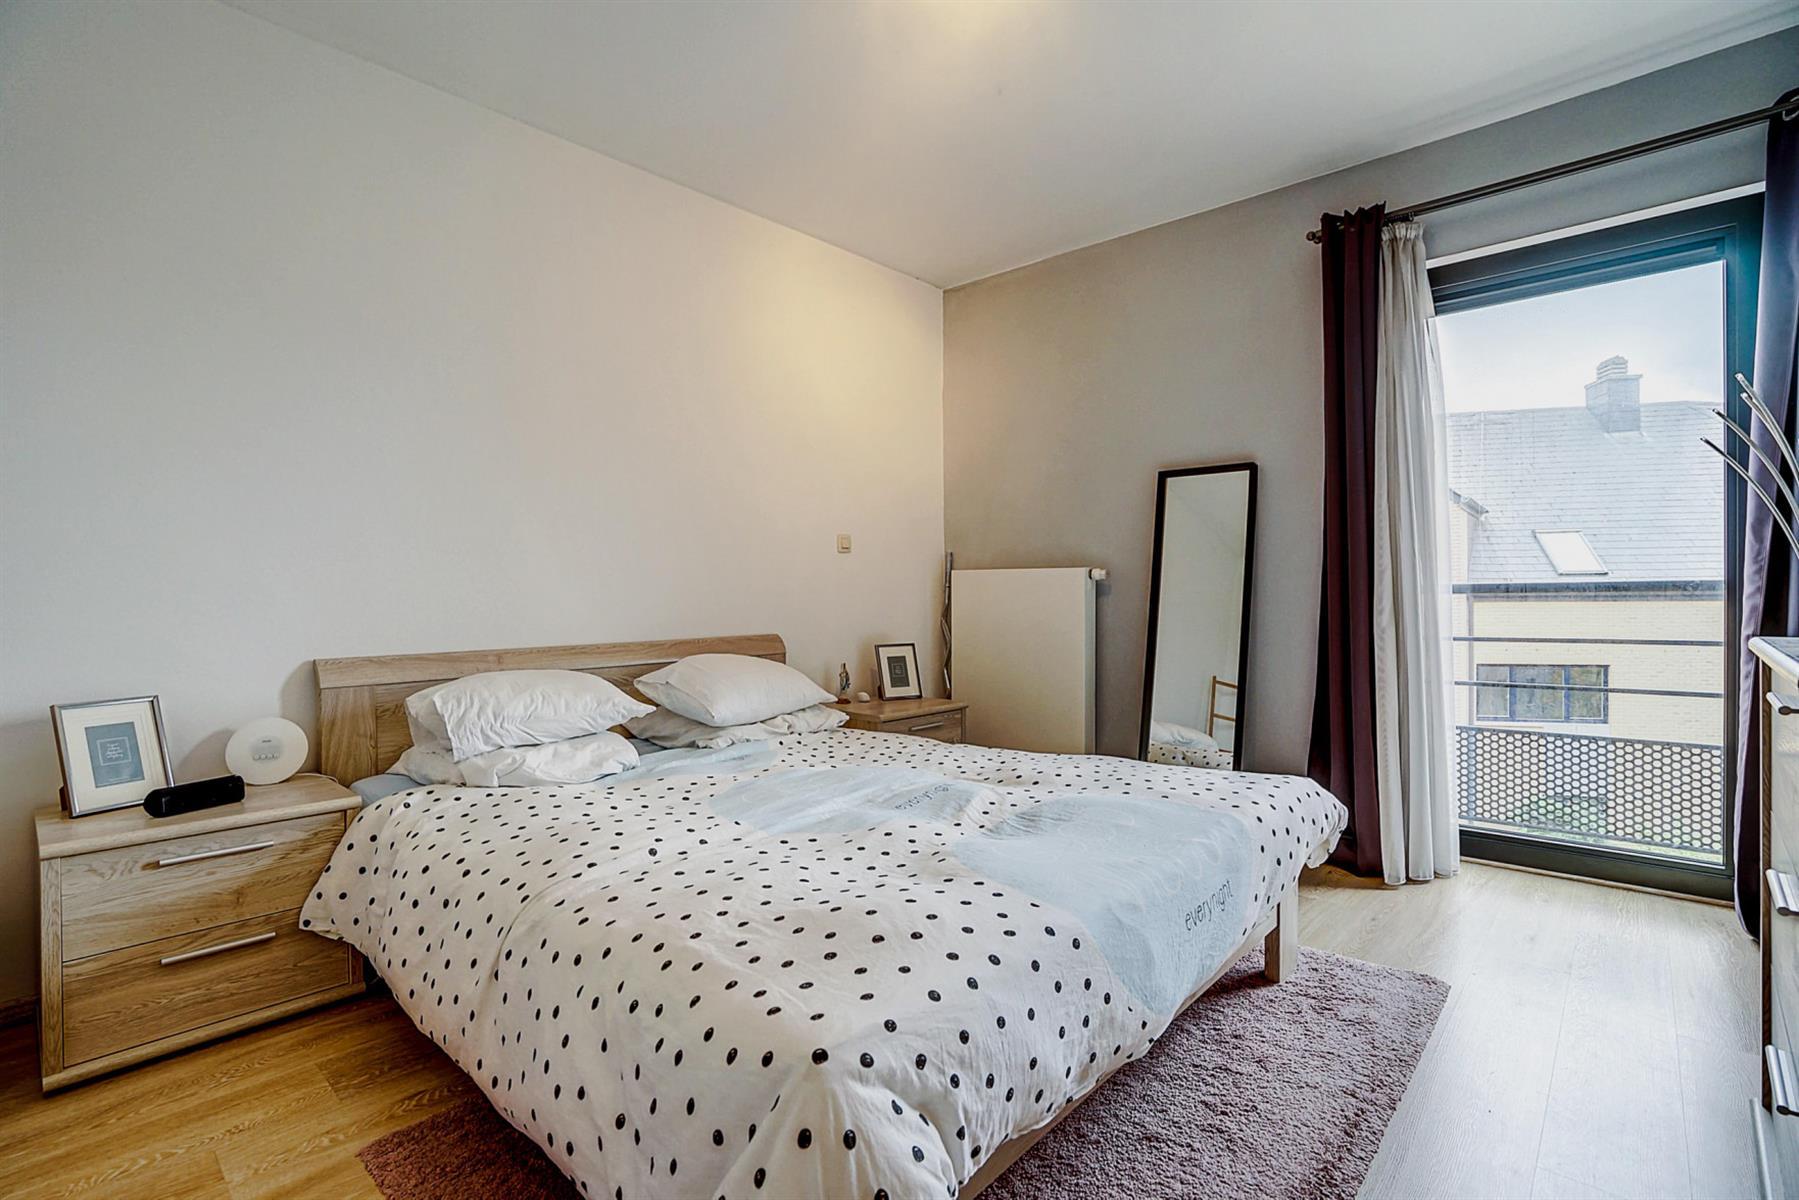 Appartement - Ottignies-louvain-la-neuve - #4505964-15